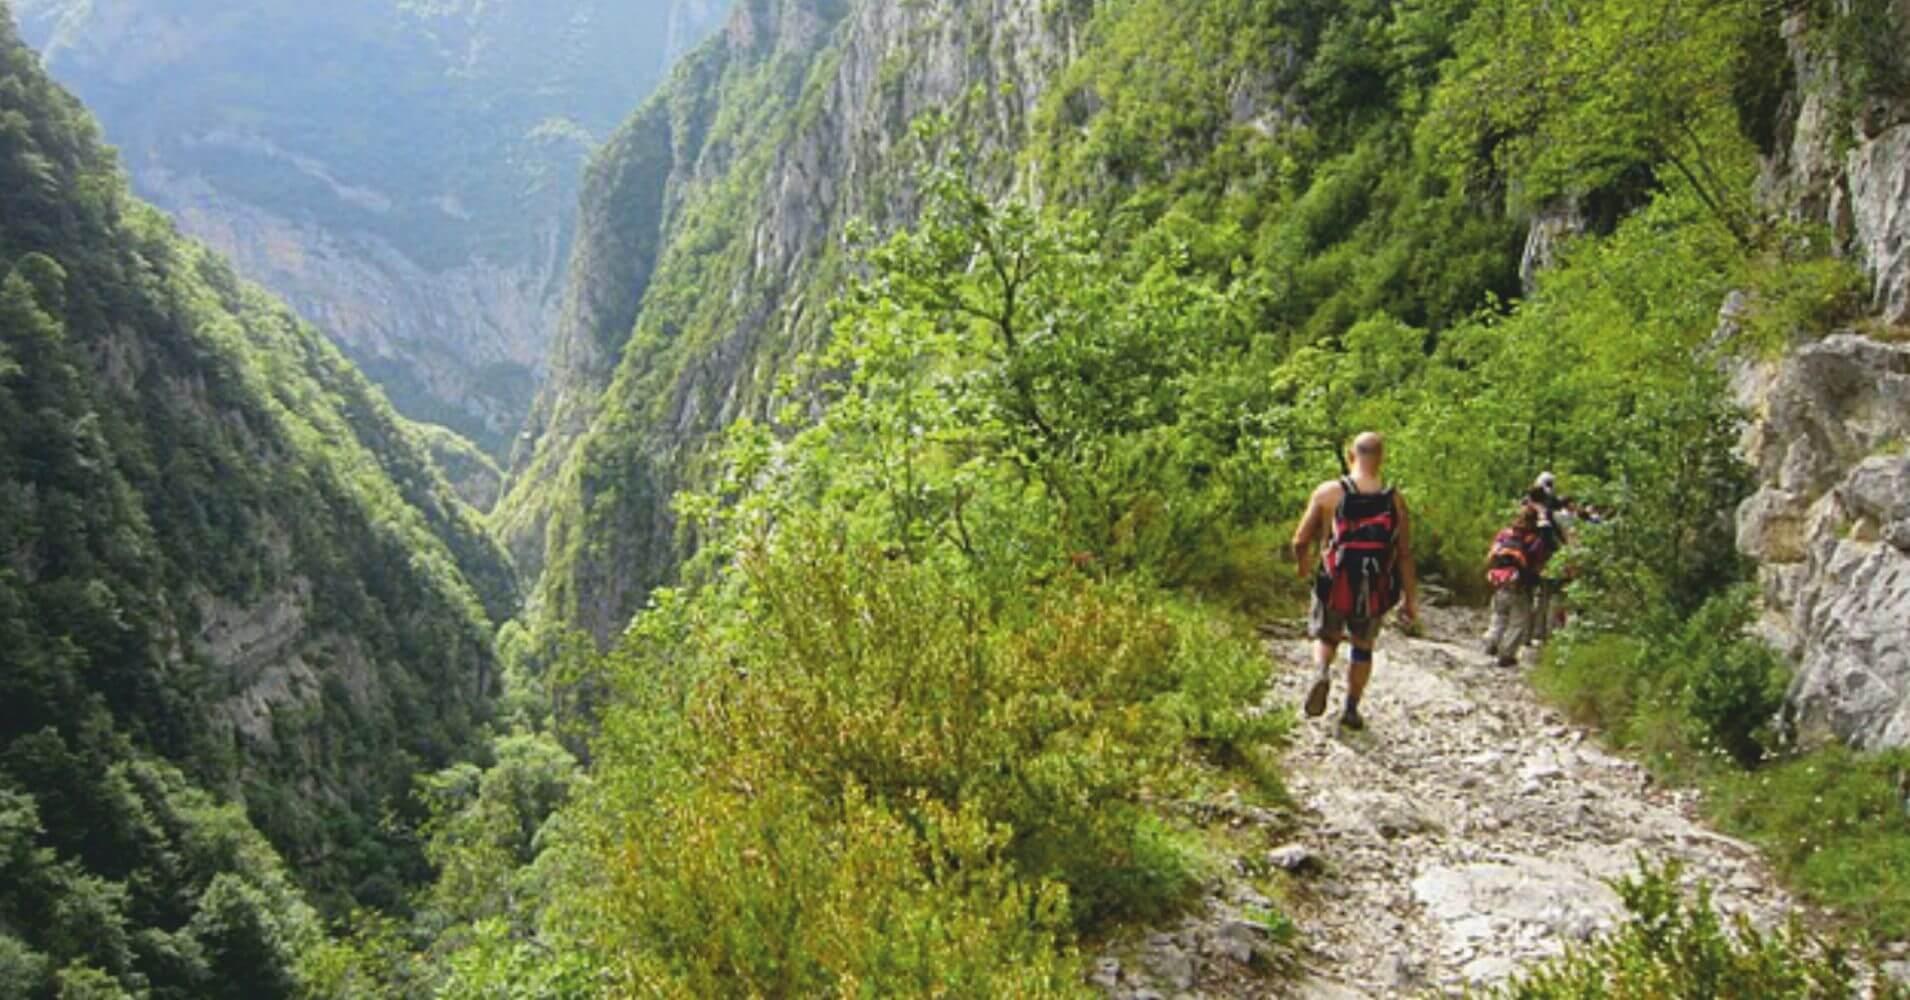 Chemin de la Mâture en Valle de Aspe. Etsaut, Pirineos Atlánticos. Nueva Aquitania. Francia.